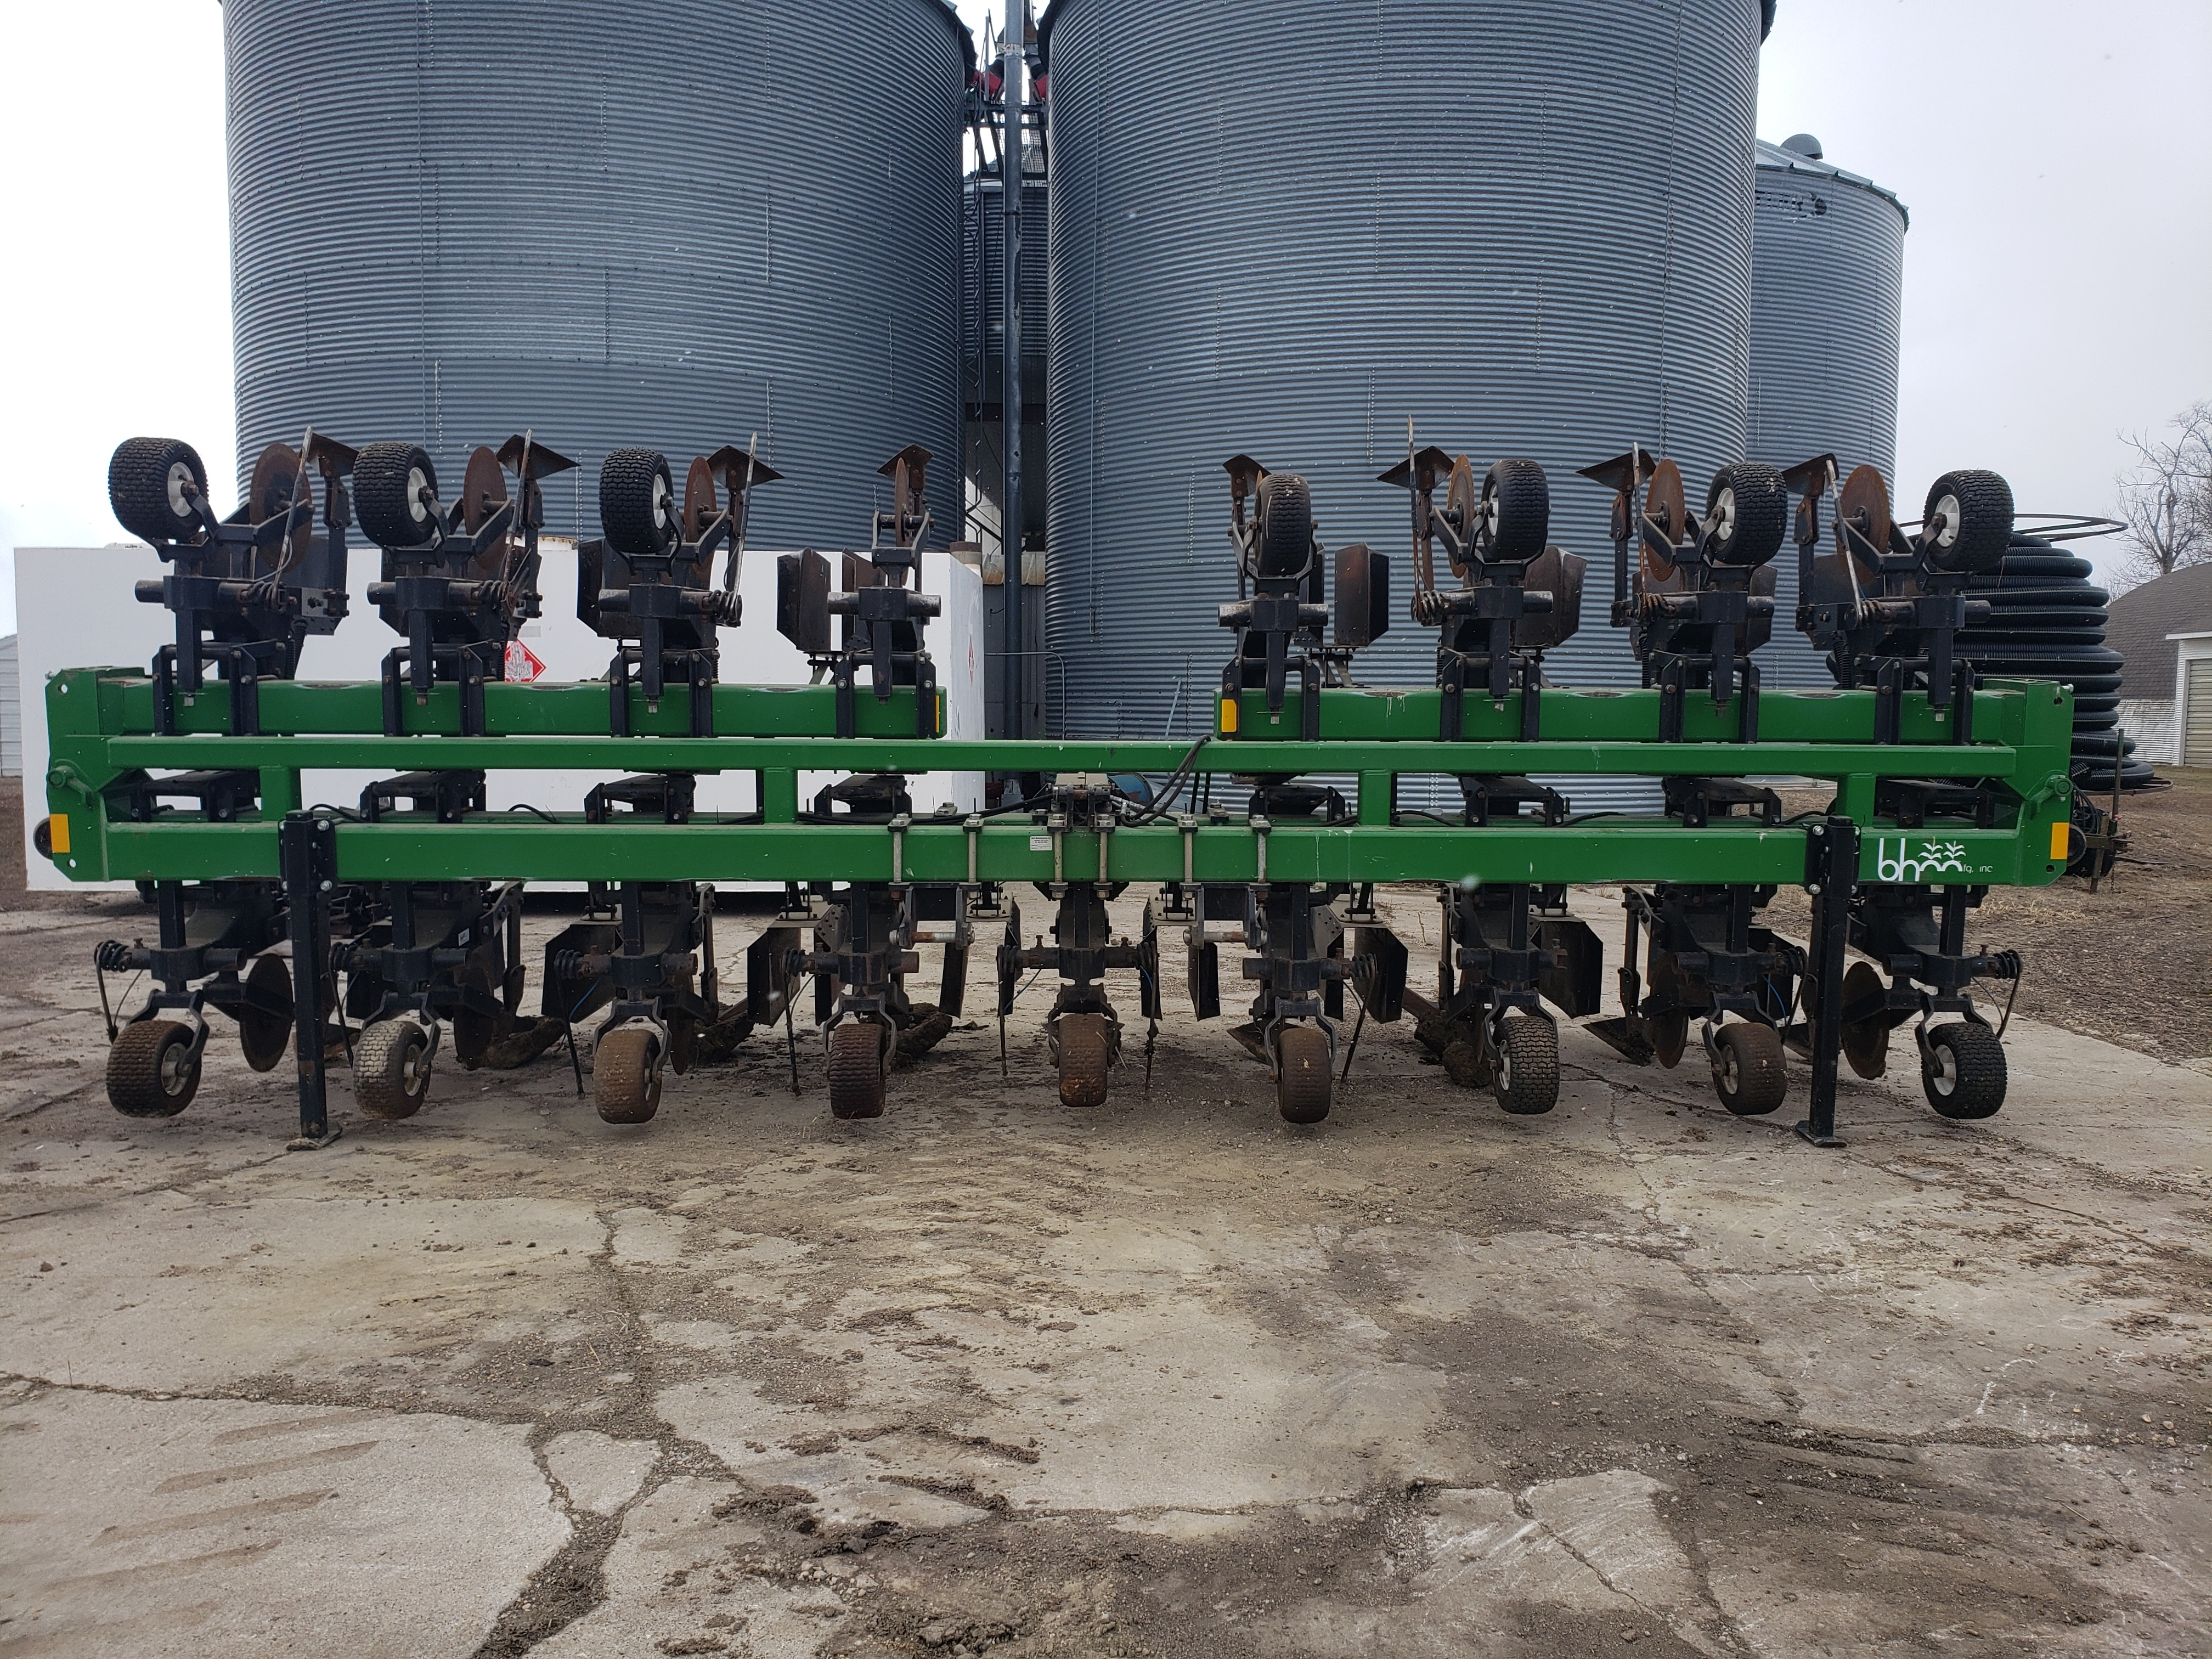 B&H 9100 CULTIVATOR Field Cultivator